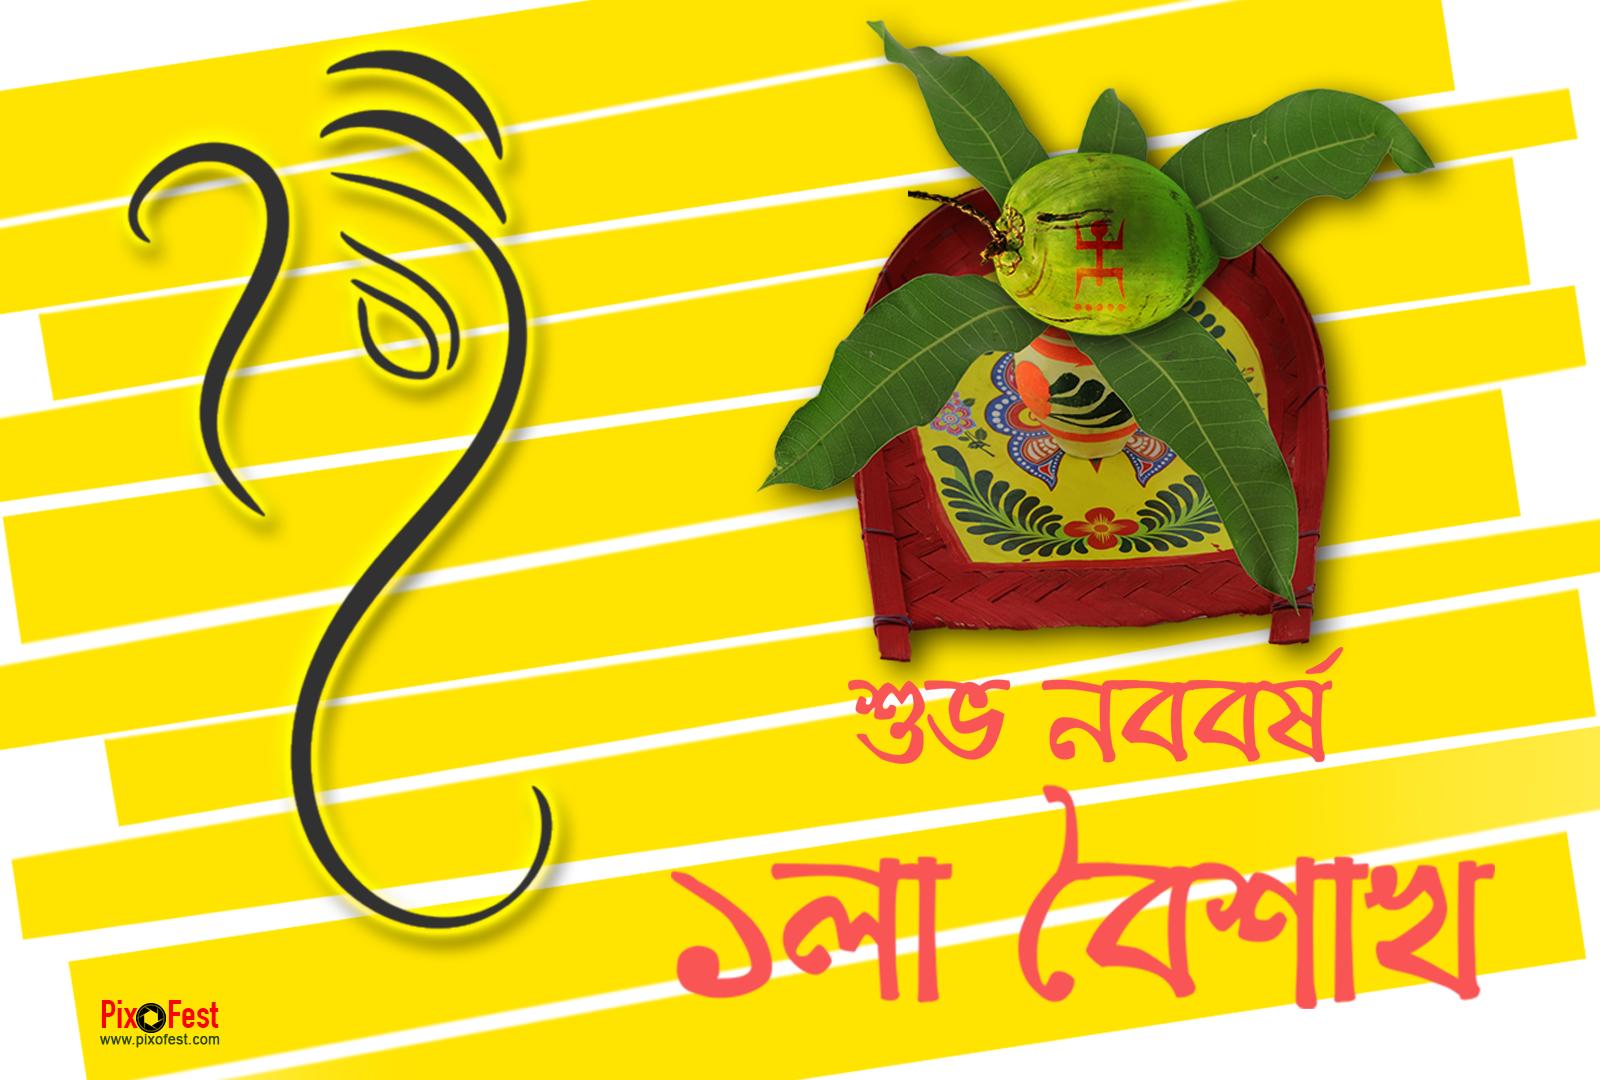 suvho nababarsha_01,subho noboborsho,navabarsha,nababarsha,pohela boishakh,pahela baishakh,bengali new year,newyear in bengali